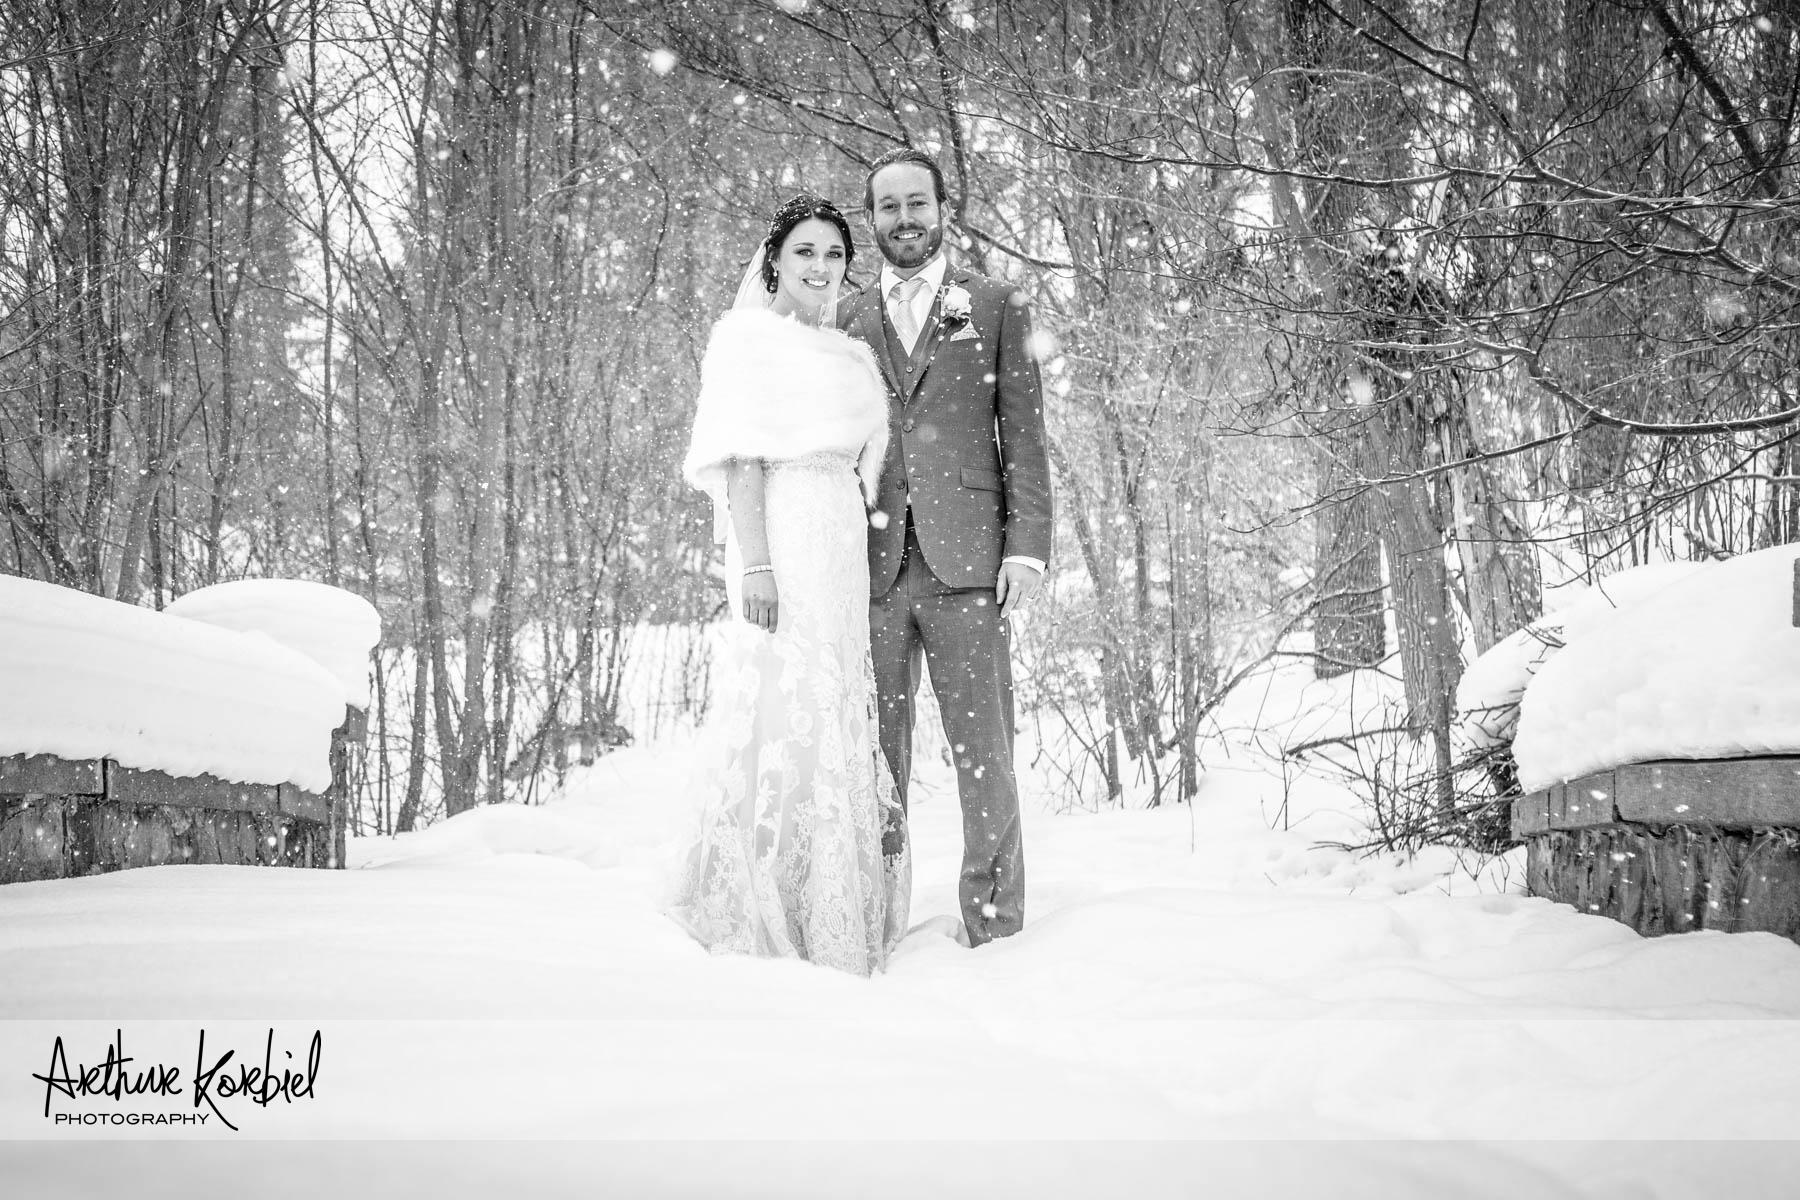 Arthur Korbiel Photography - London Wedding Photographer-005.jpg